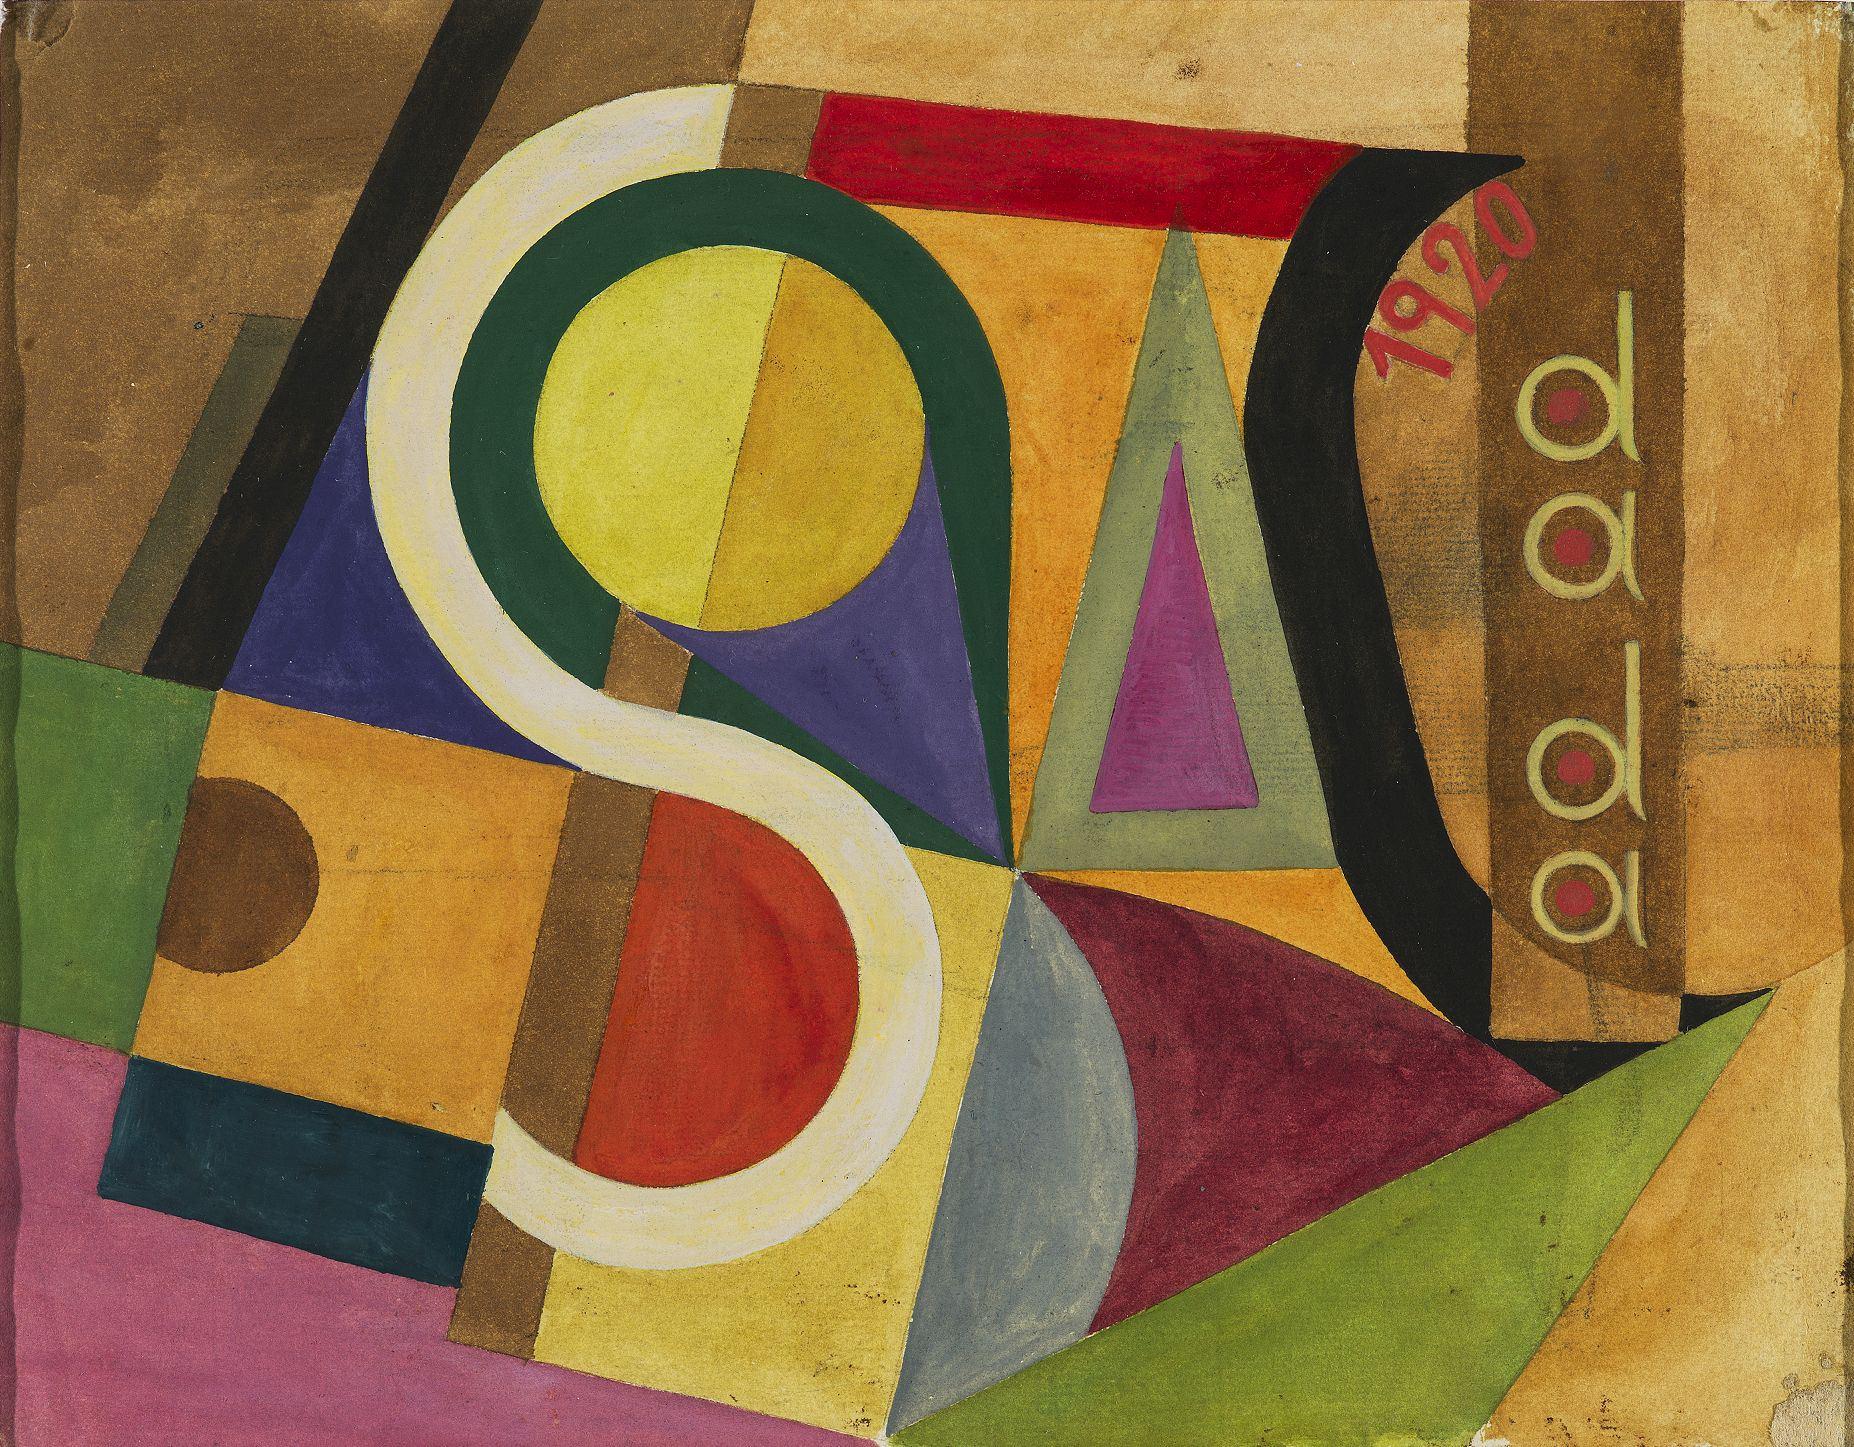 Sophie Taeuber-Arp, Kompozycja dadaistyczna, 1920